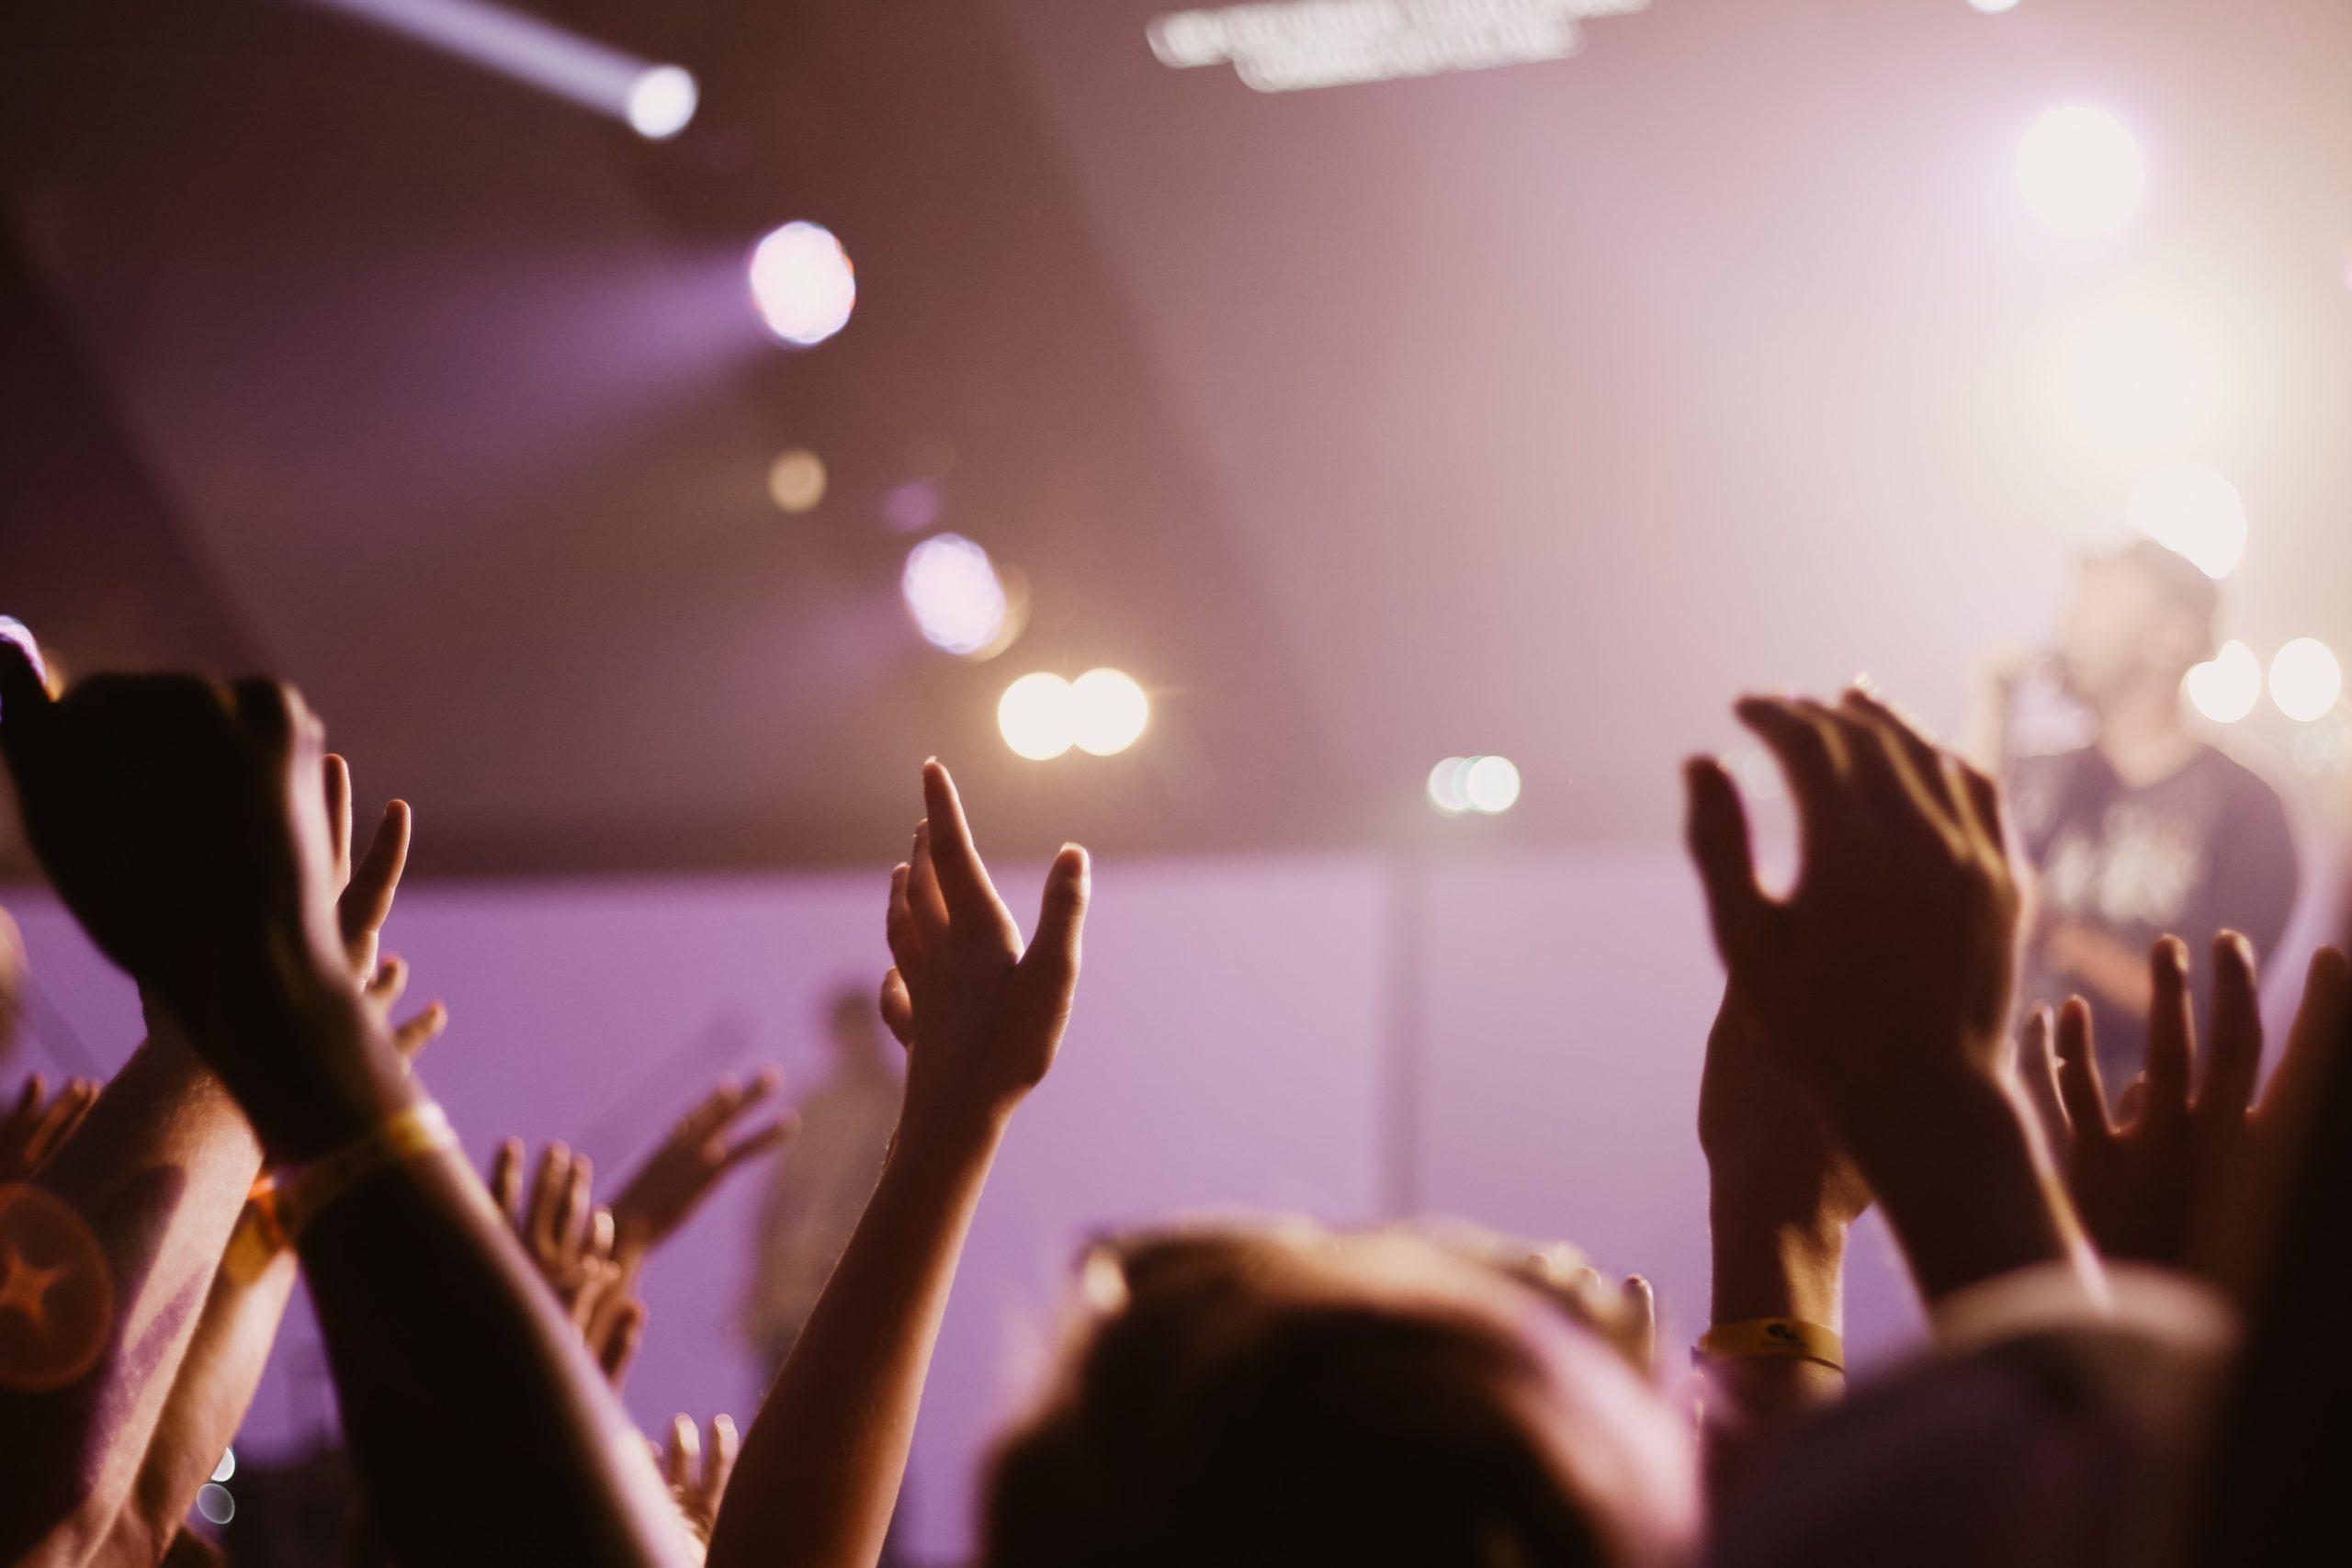 La buona musica può diventare il tuo Dio